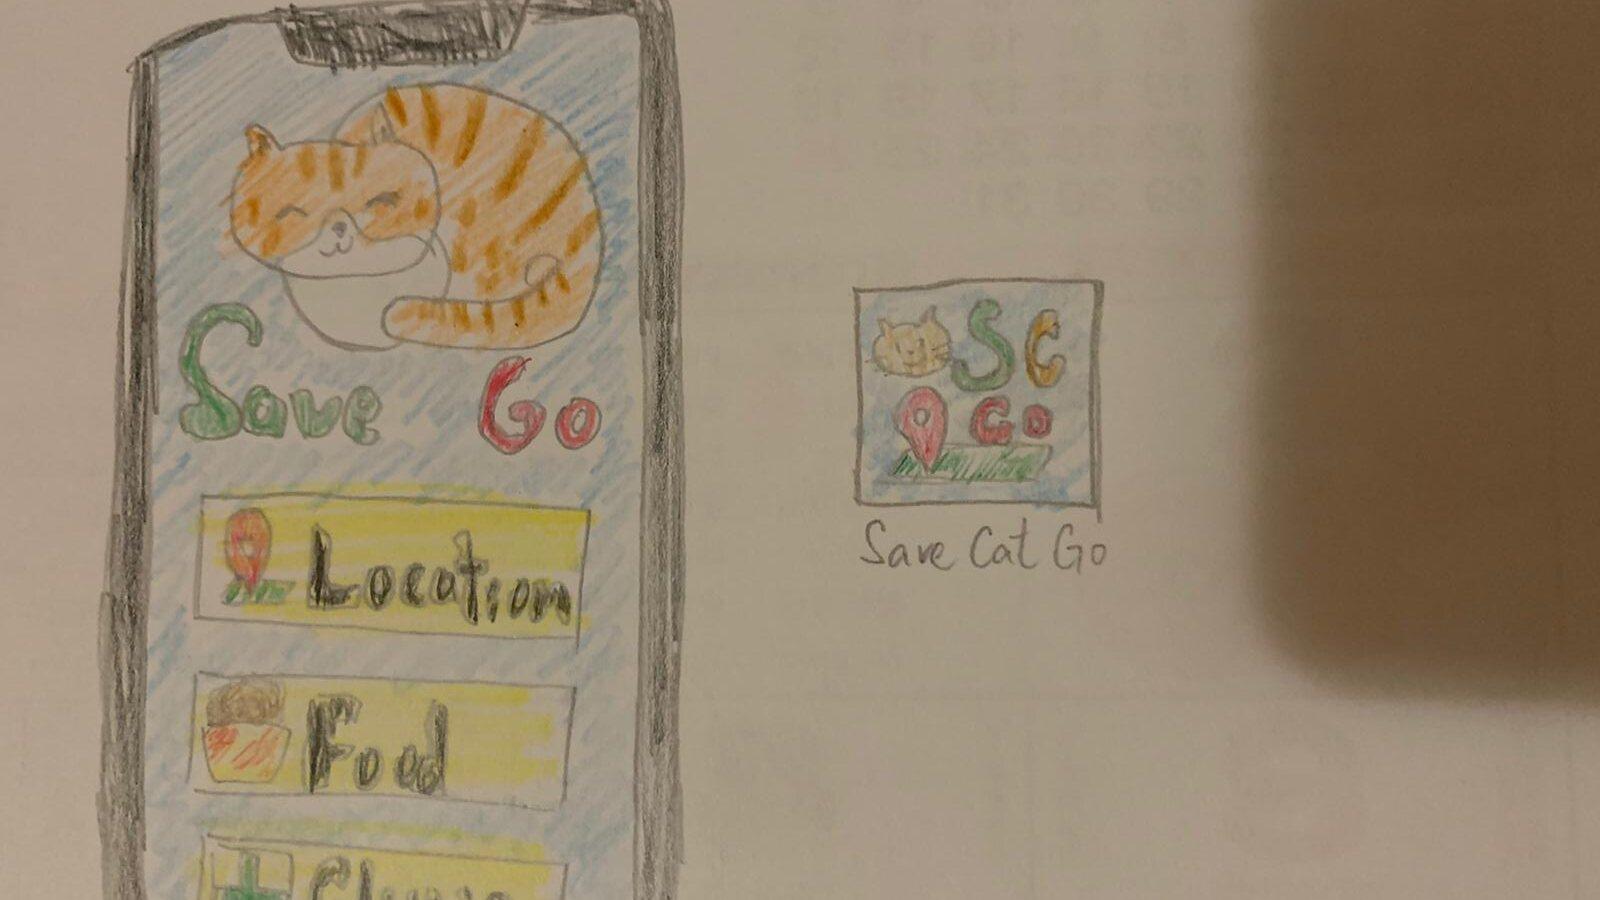 Save Cat Go 應用程式 (DSP_014904)